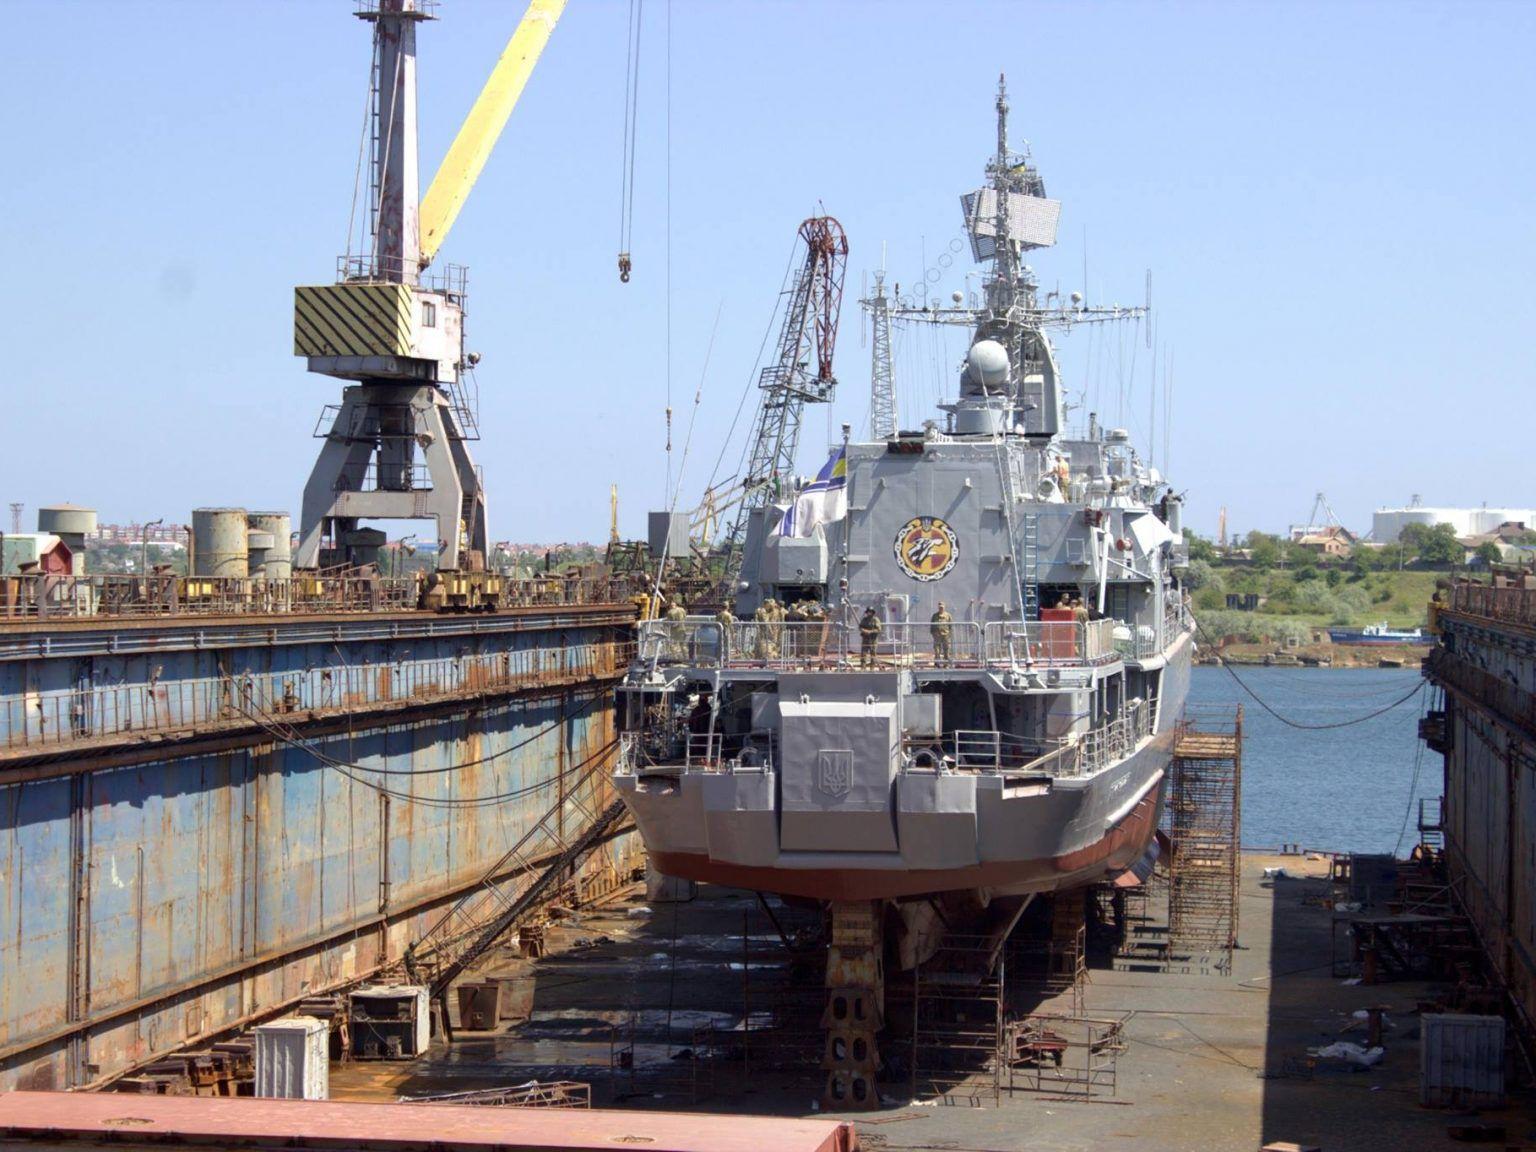 Николаев: Фрегат зашел на ремонт